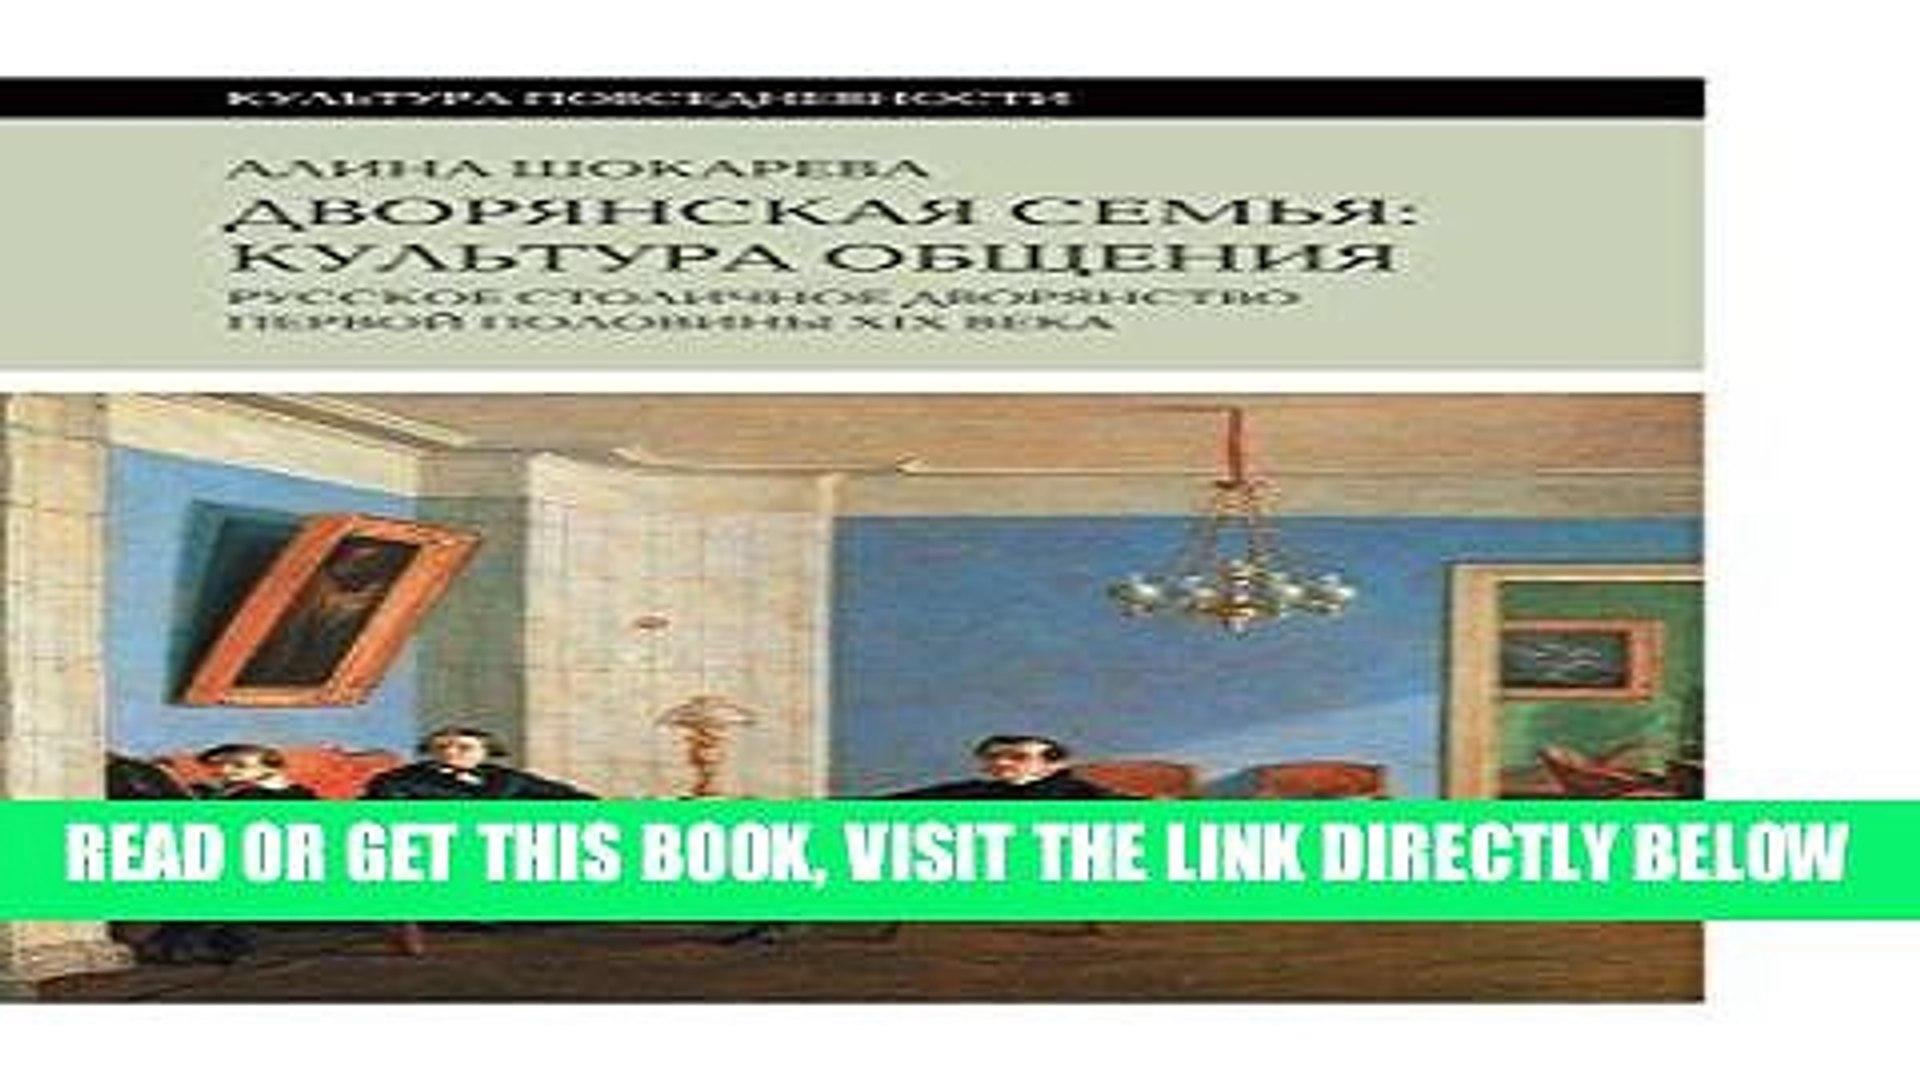 [READ] EBOOK Двор�н�ка� �емь�: культура общени�. Ру��кое